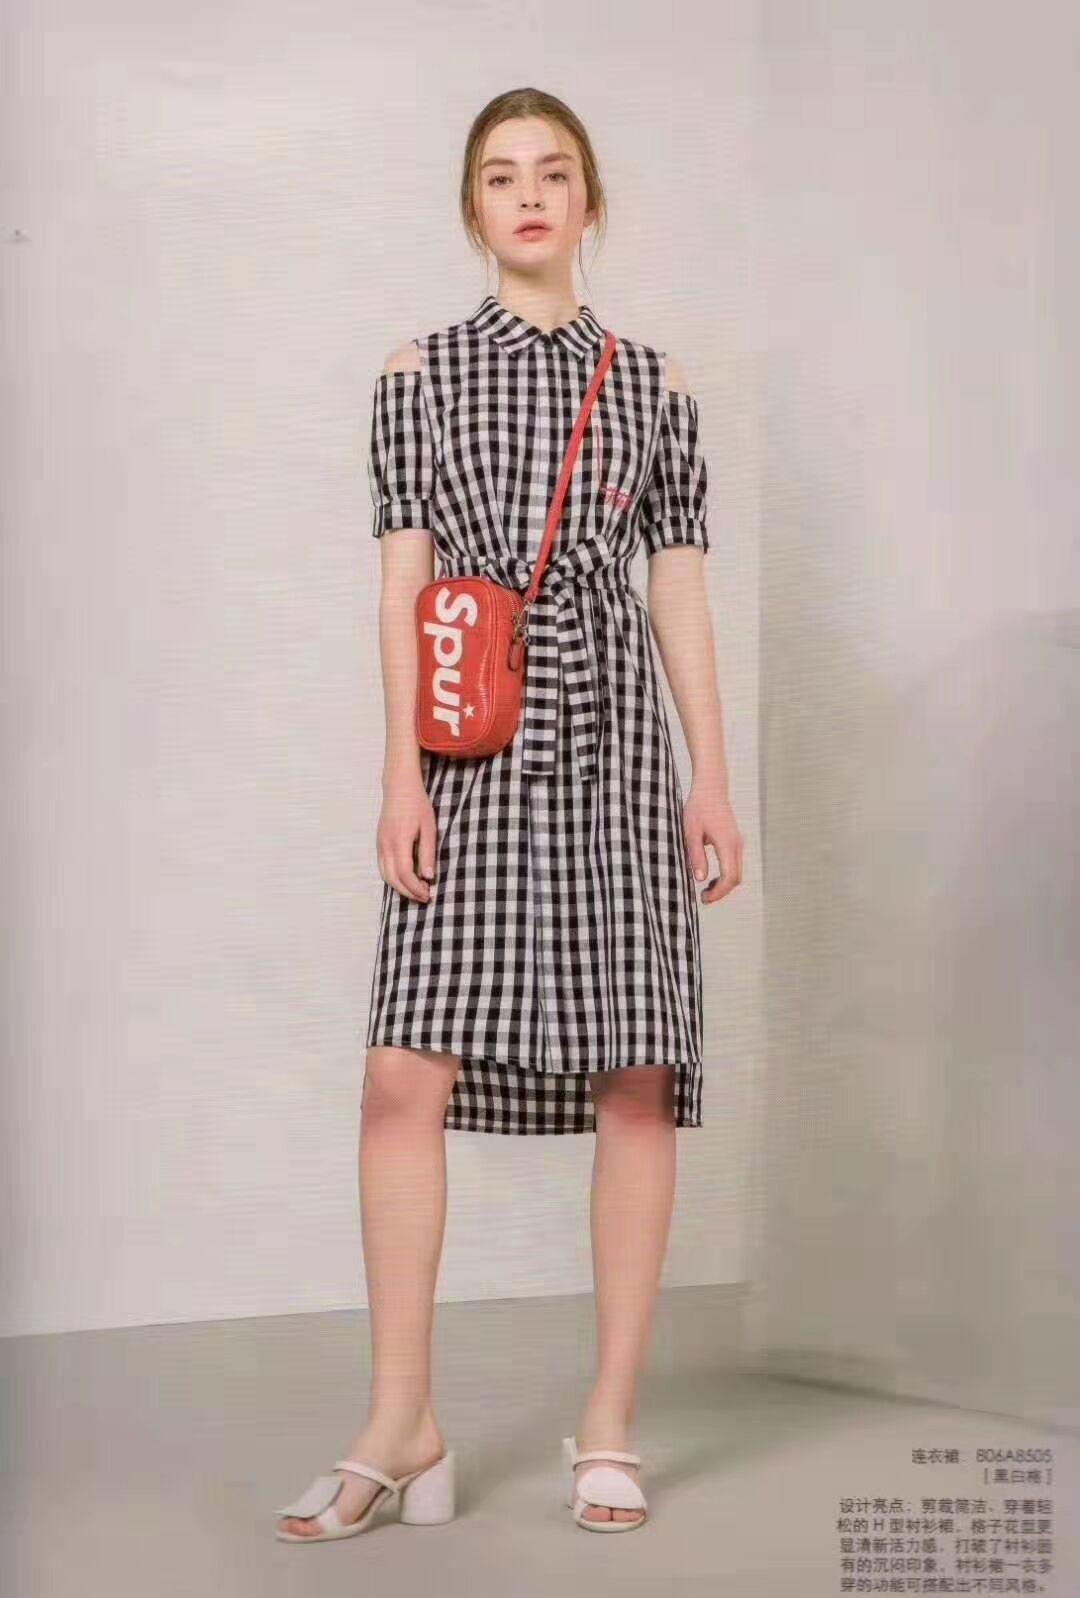 想要潮流时尚的穿搭就来衣佰芬女装看看